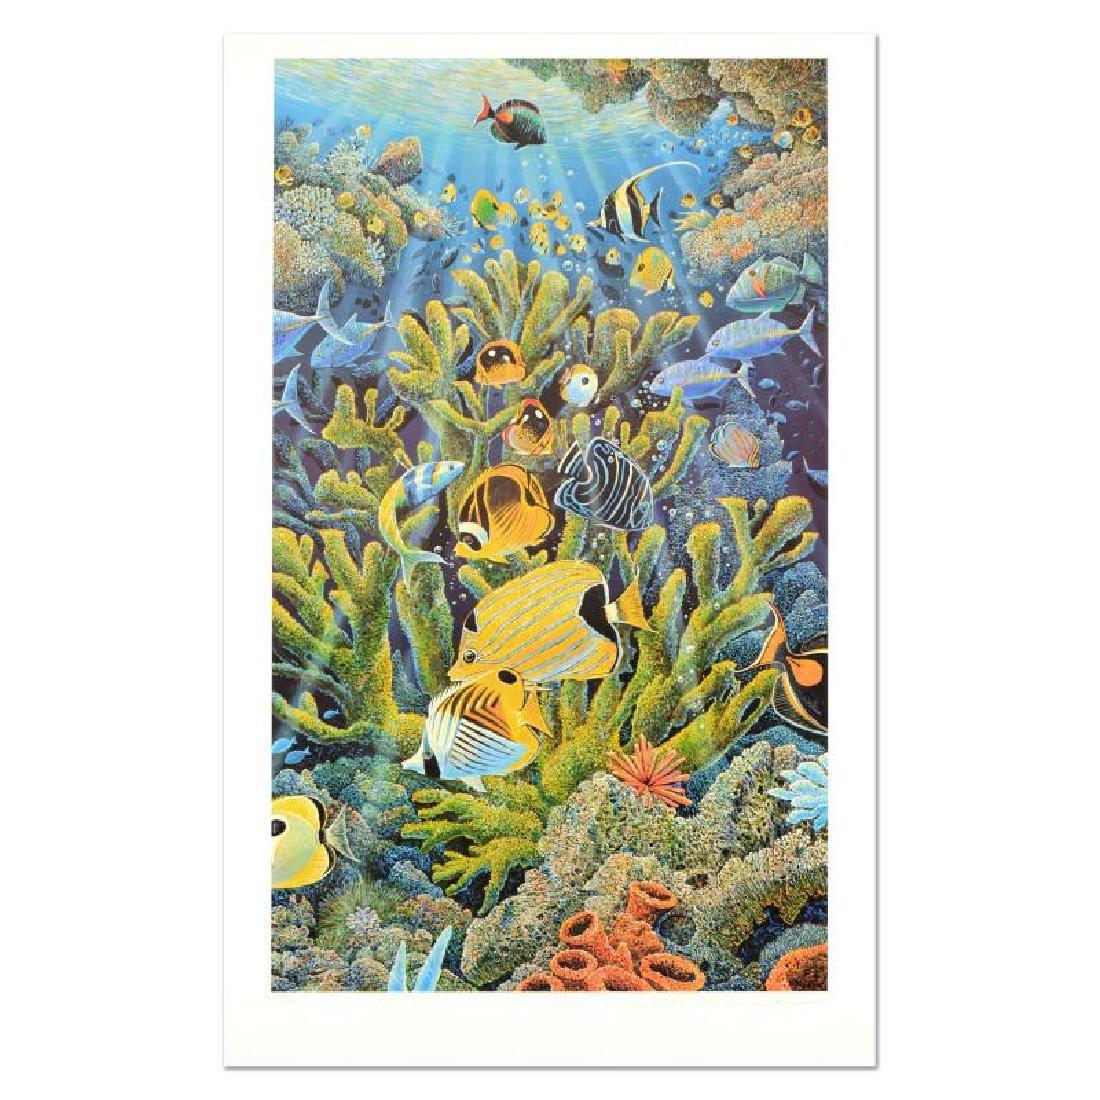 Reawakening the Sea by Nelson, Robert Lyn - 3